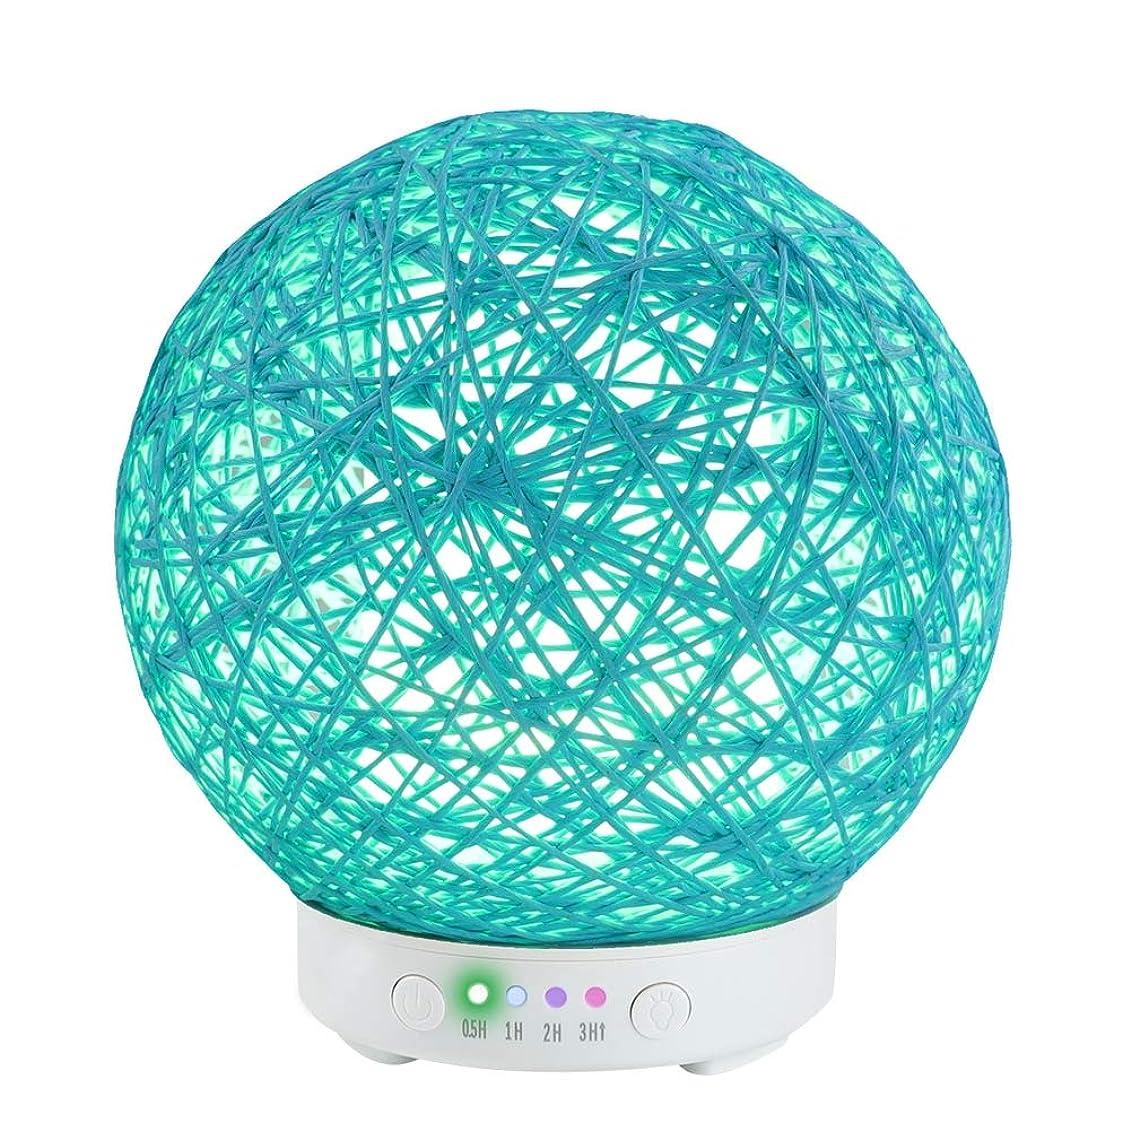 通信するに頼る警戒クリエイティブ麻アロマテラピーマシン、アロマオイルディフューザー、アロマエッセンシャルオイルディフューザー、ウォーターレスオートオフ7色LEDライト付き,Blue